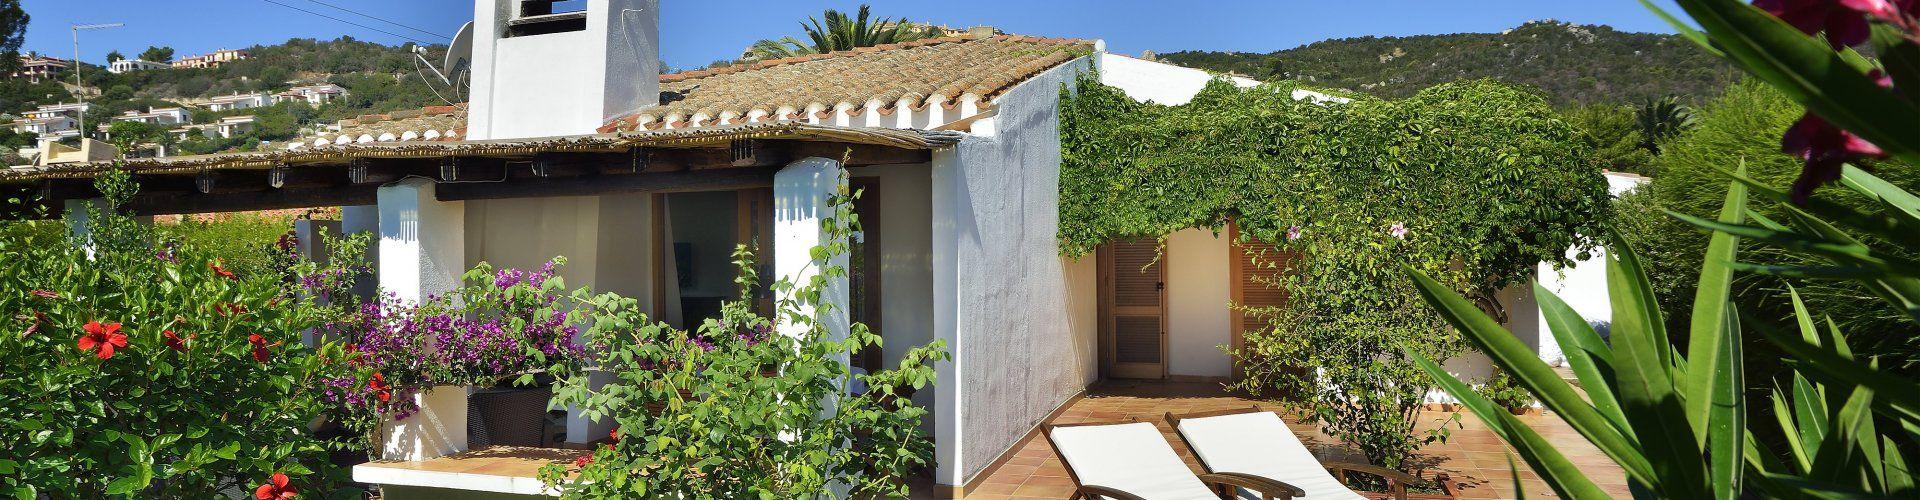 Villa Kika vista sul giardino e sulla casa